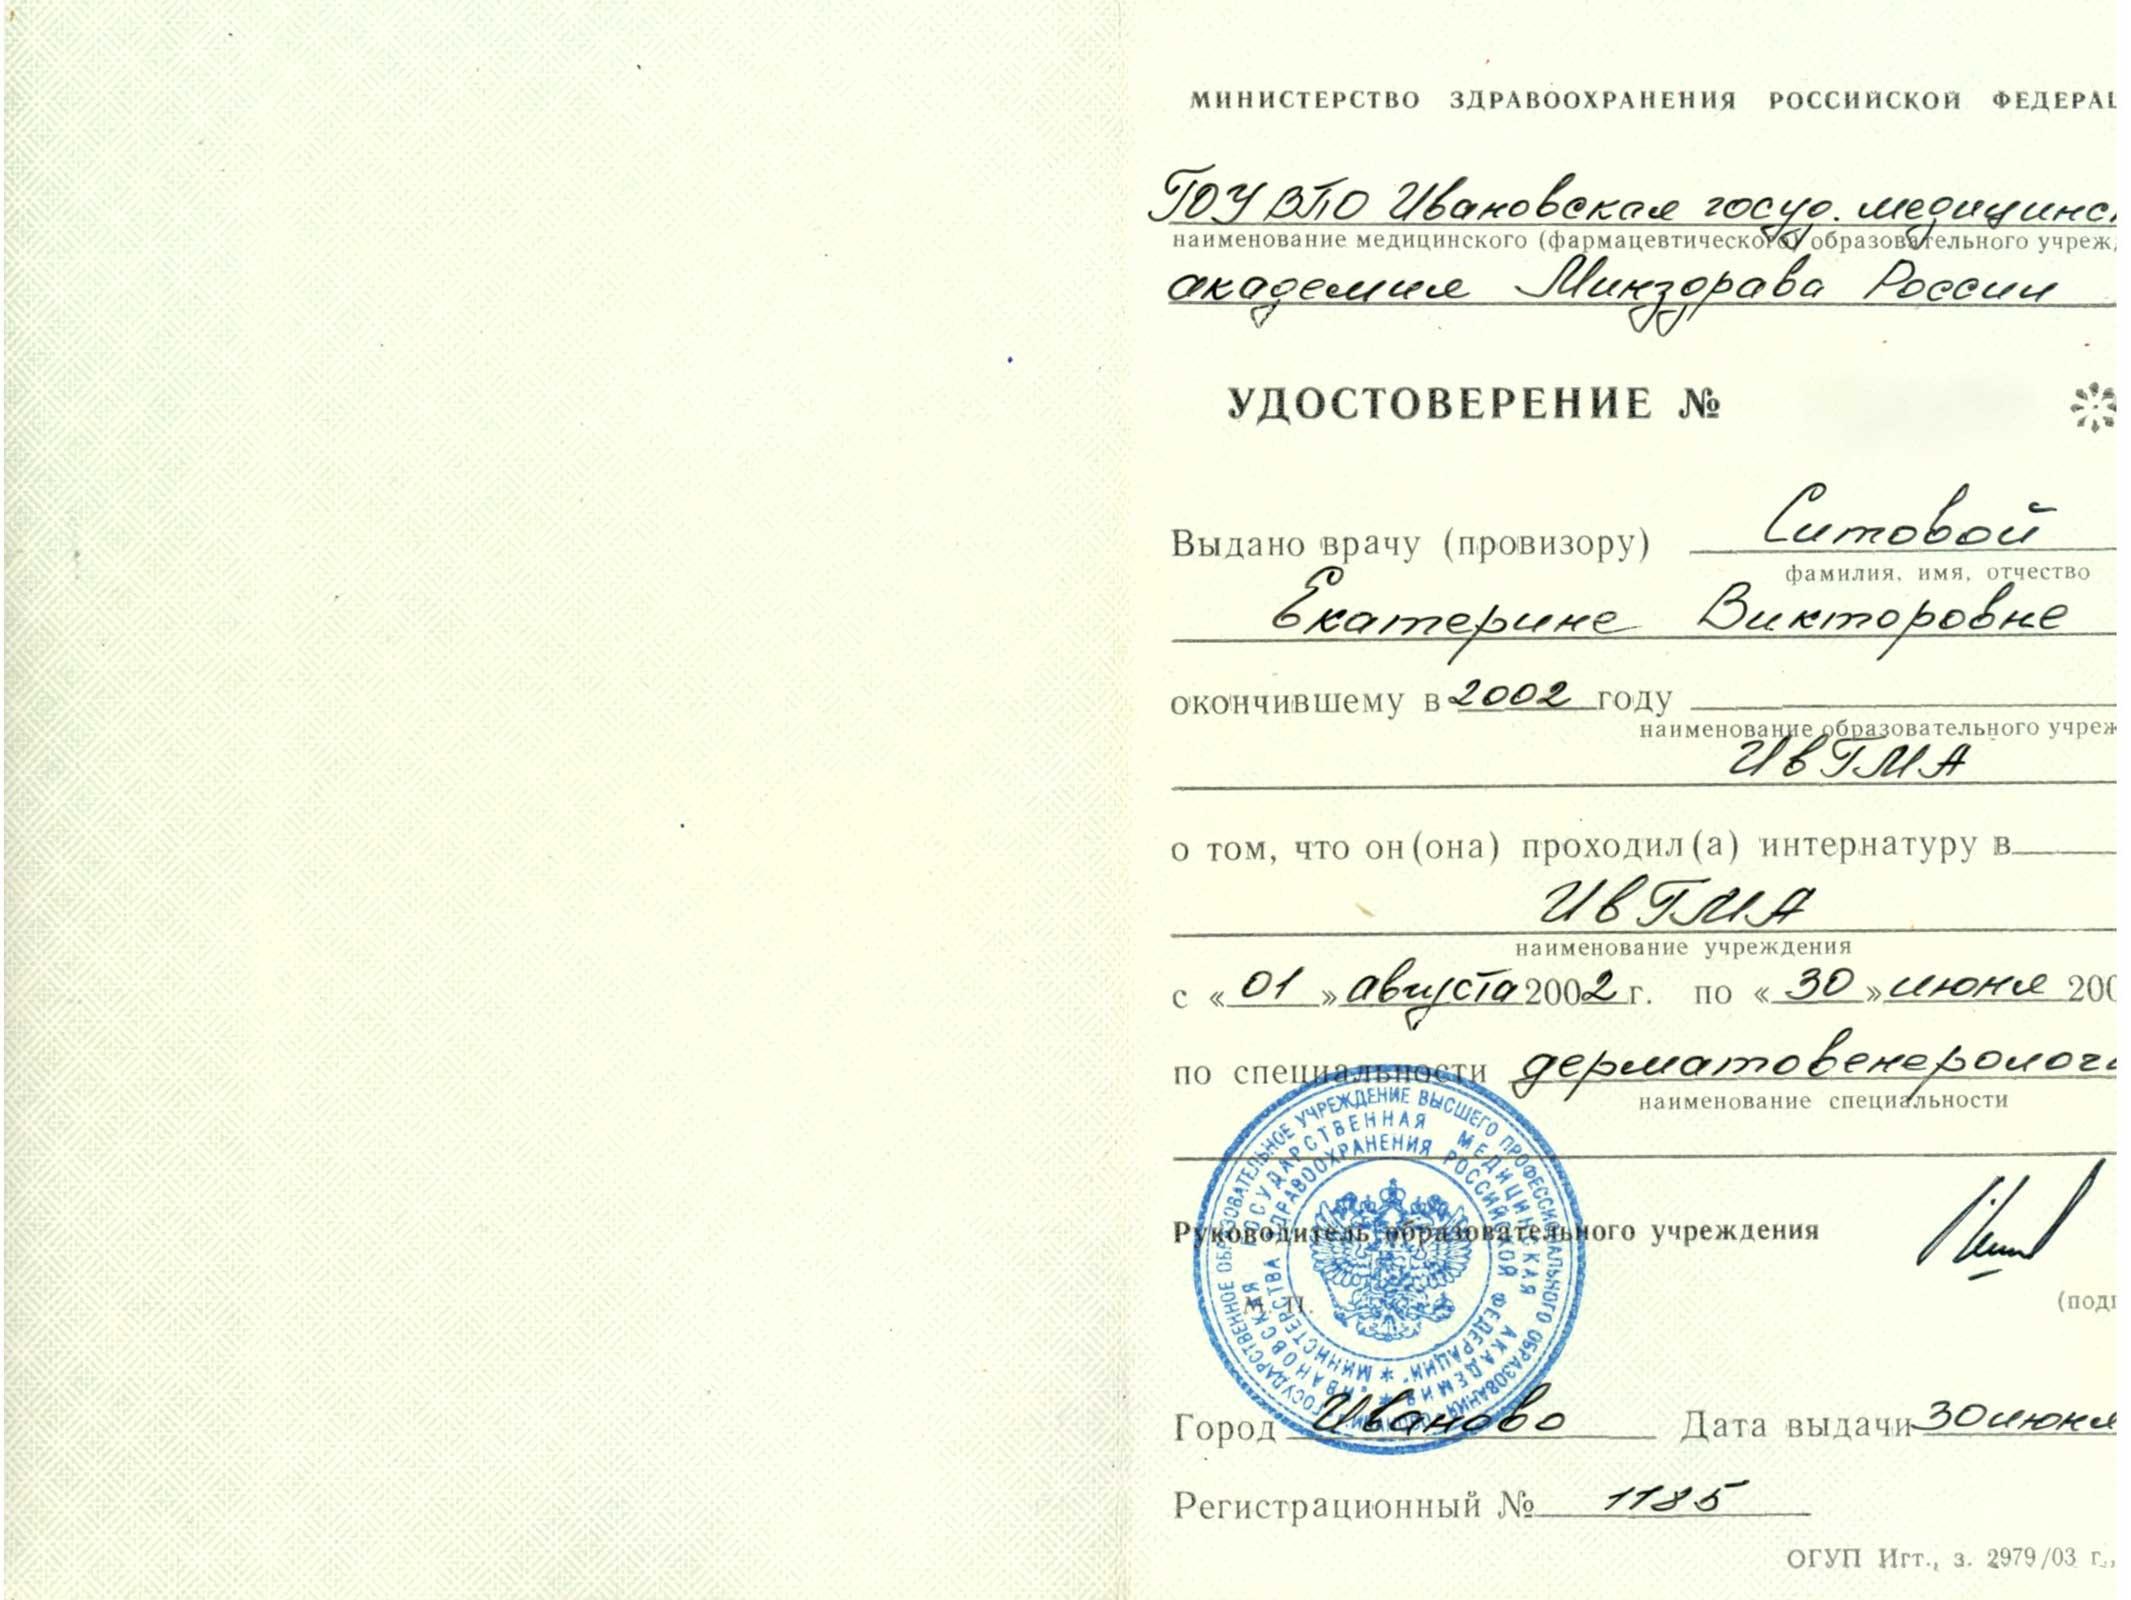 Удостоверение дерматовенеролога трихолога Ситовой Е.В